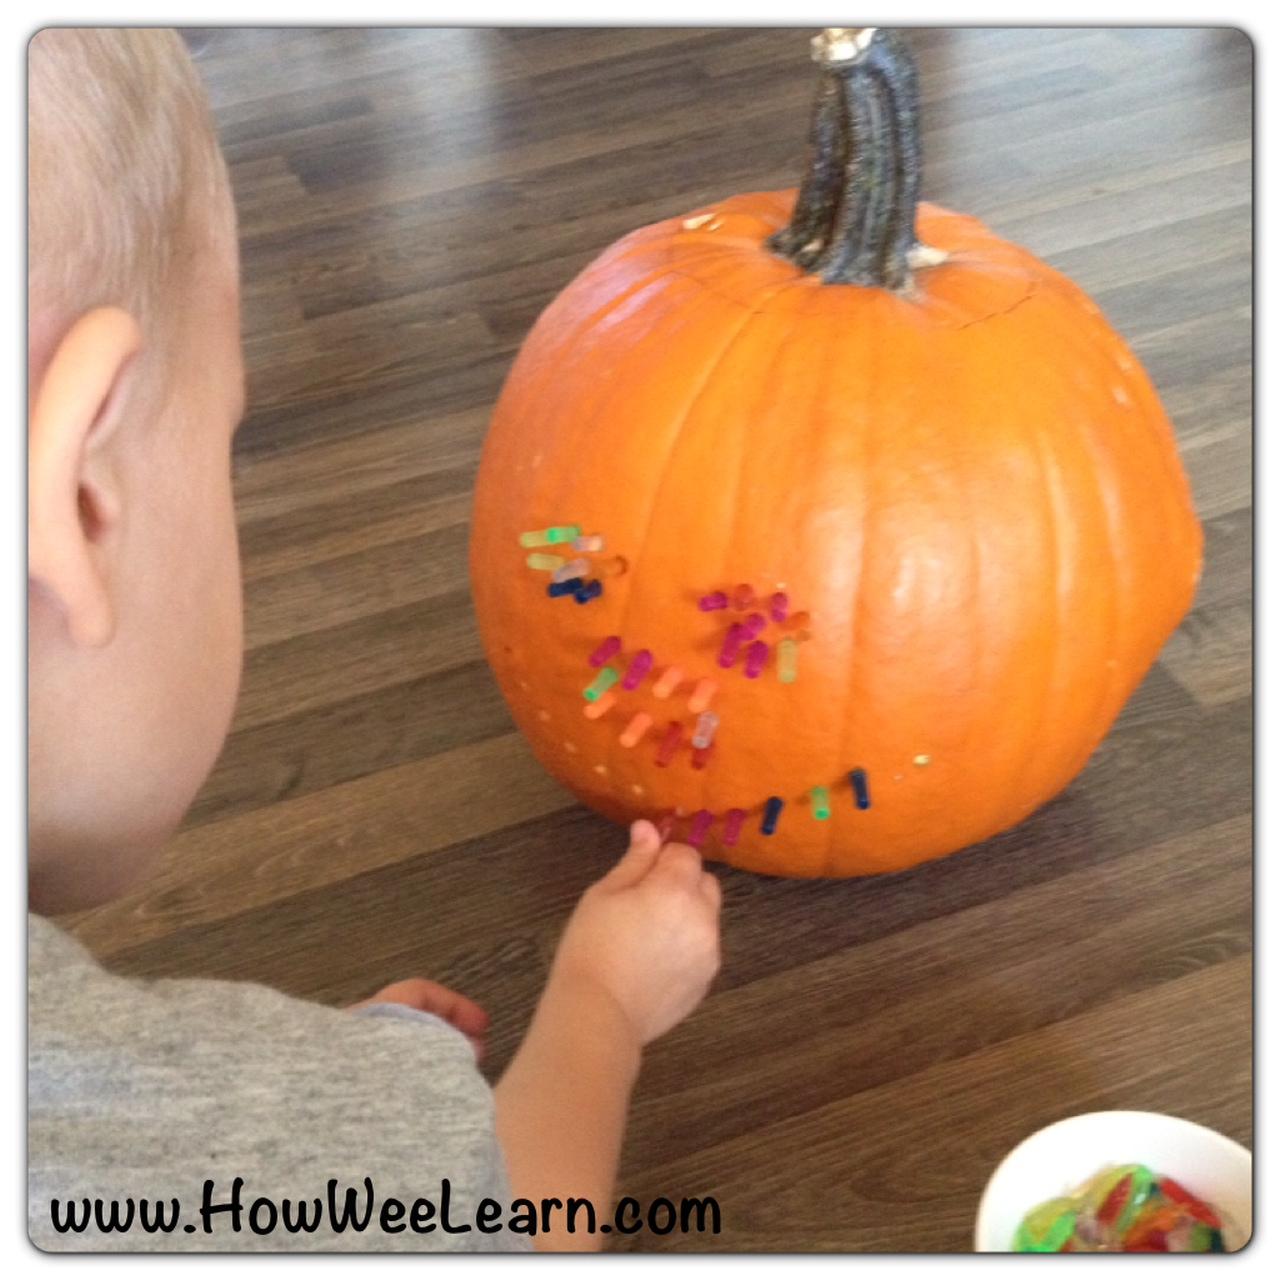 Lite-Brite Pumpkin Carving - How Wee Learn